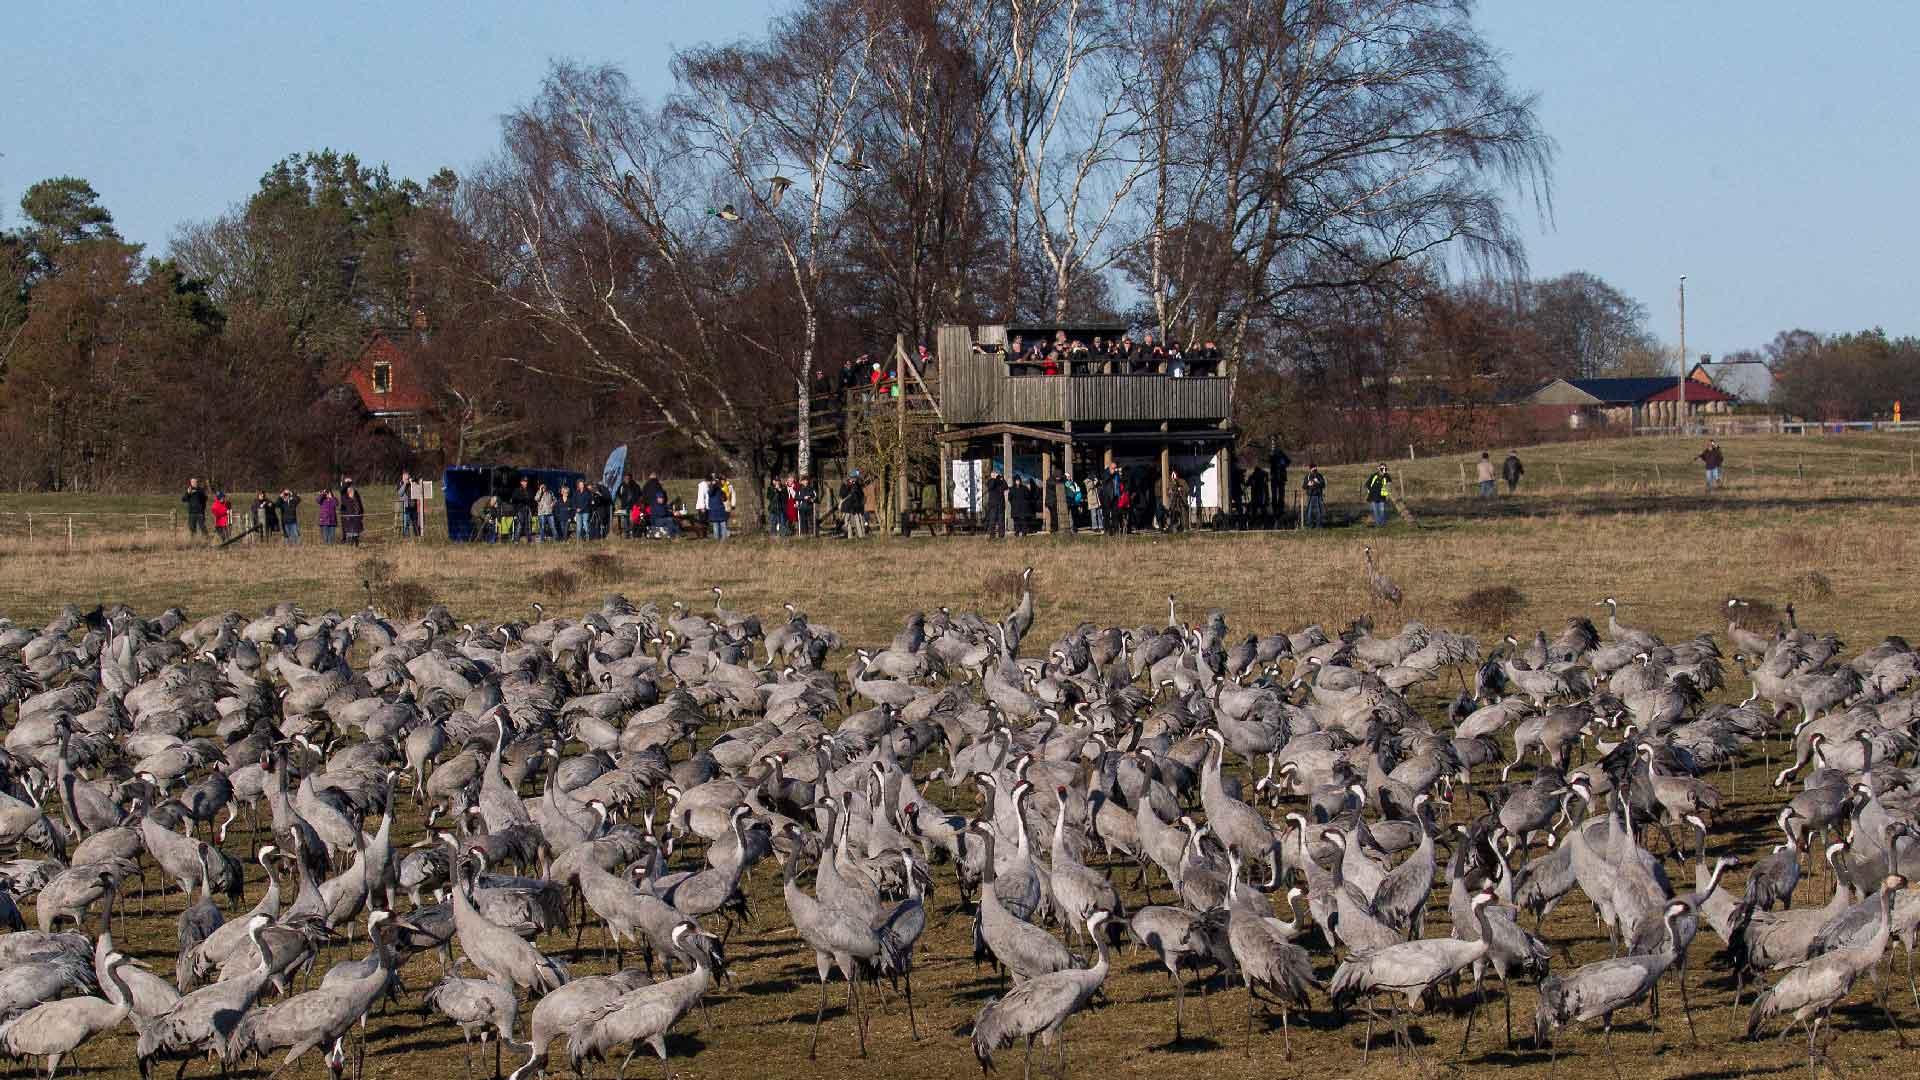 I månadsskiftet mars-april samlas tusentals tranor vid Pulken. Foto: Patrik Olofsson/N